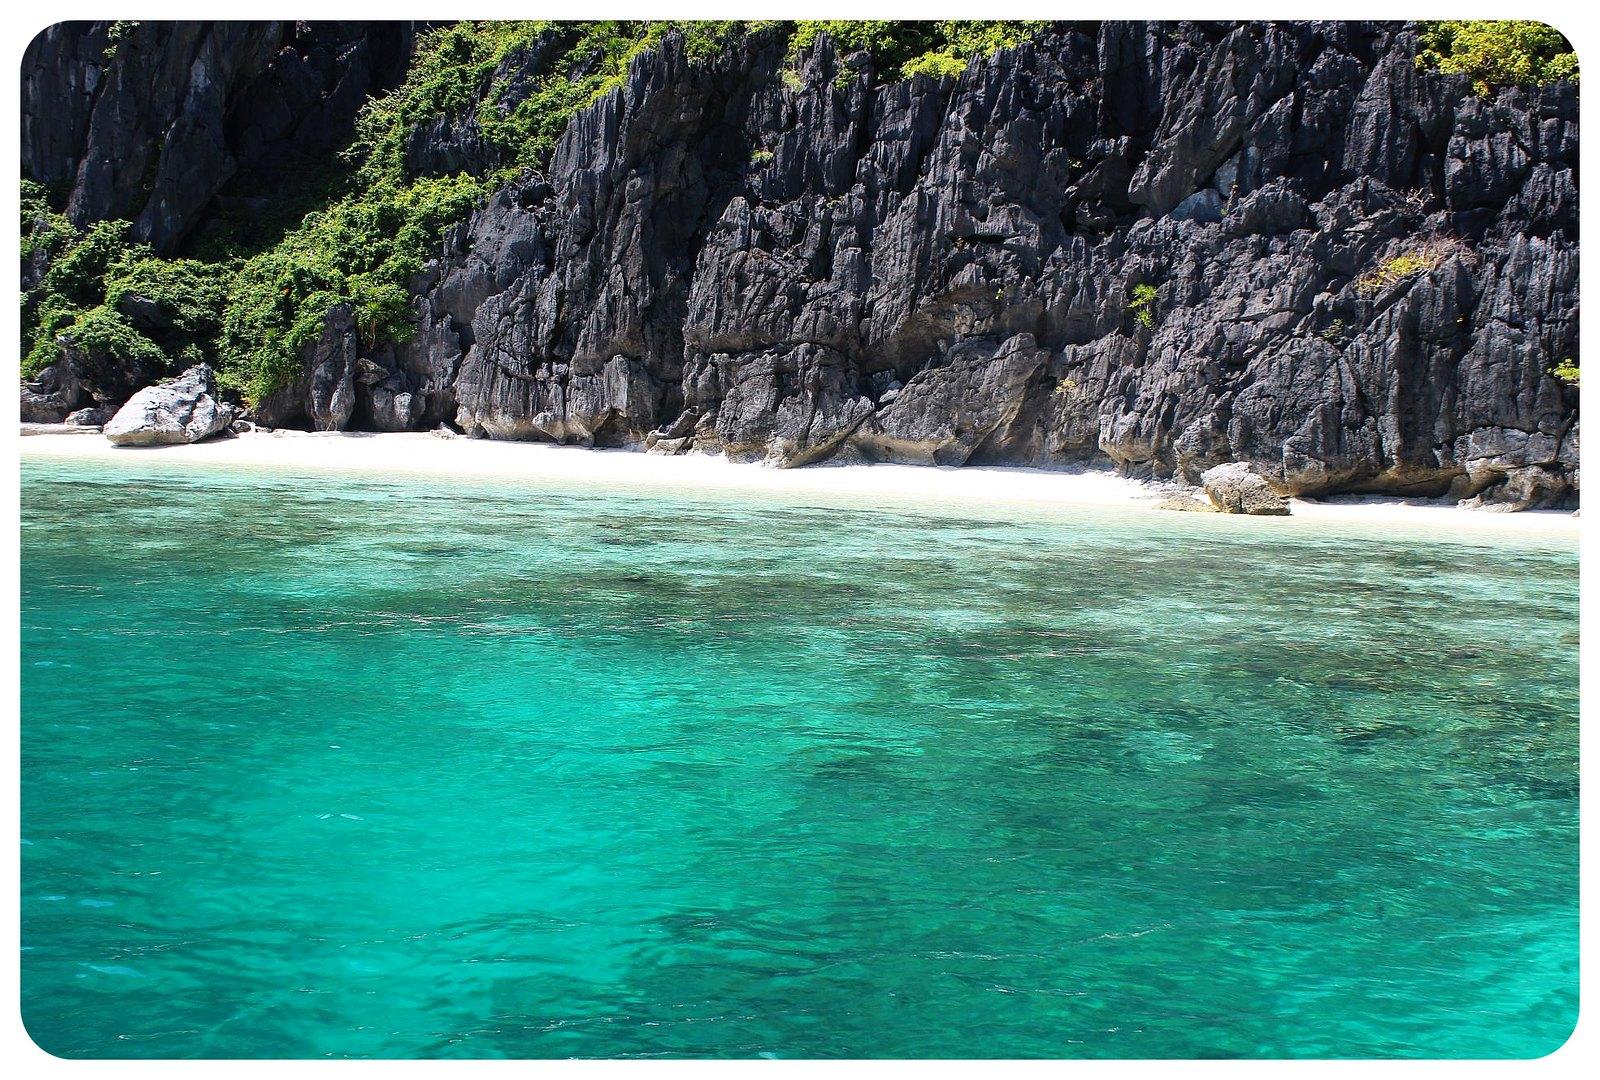 bacuit archipelago beach